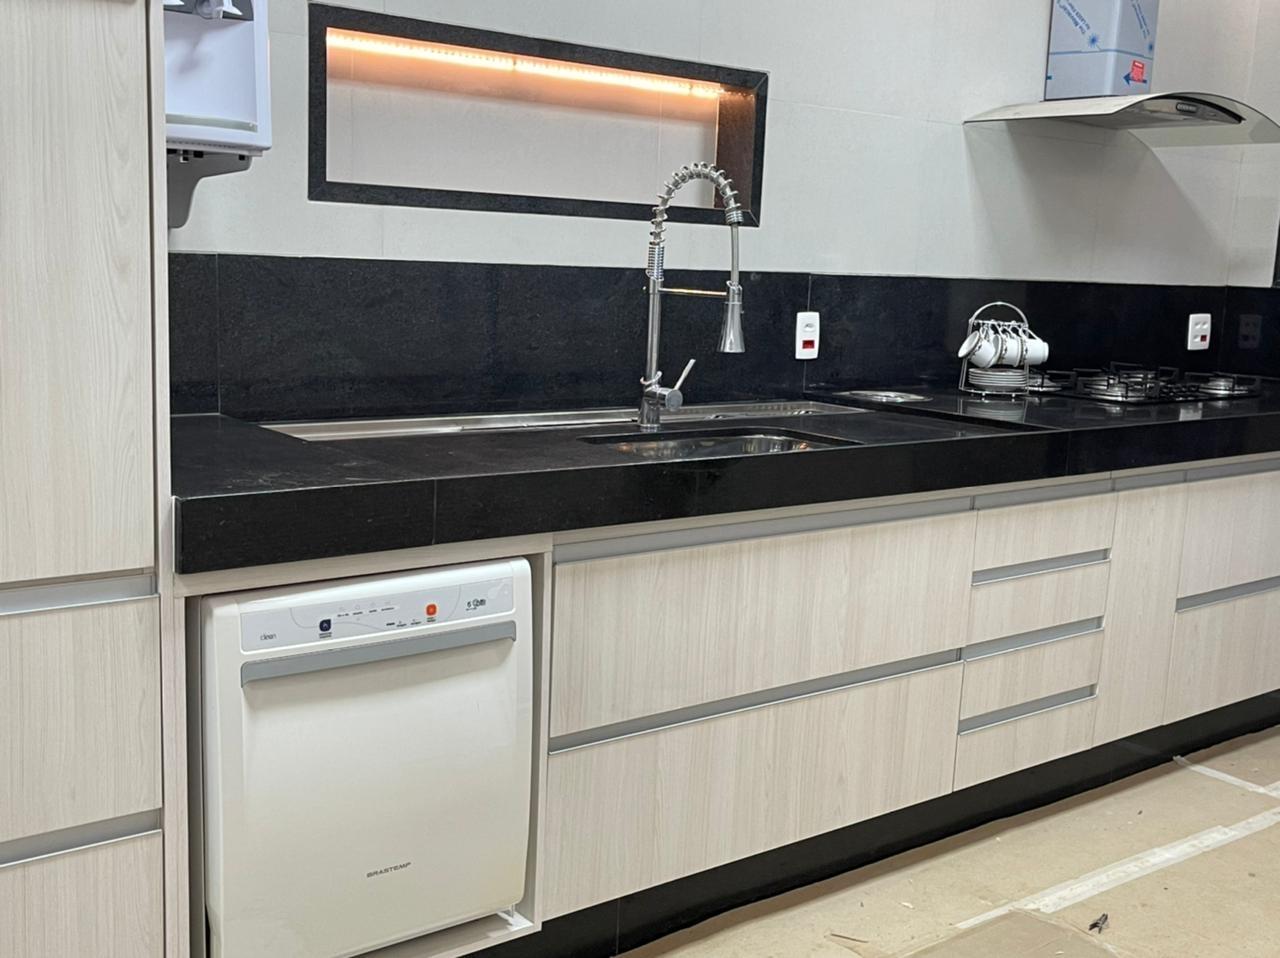 Serviços/Cozinha - Foto 8